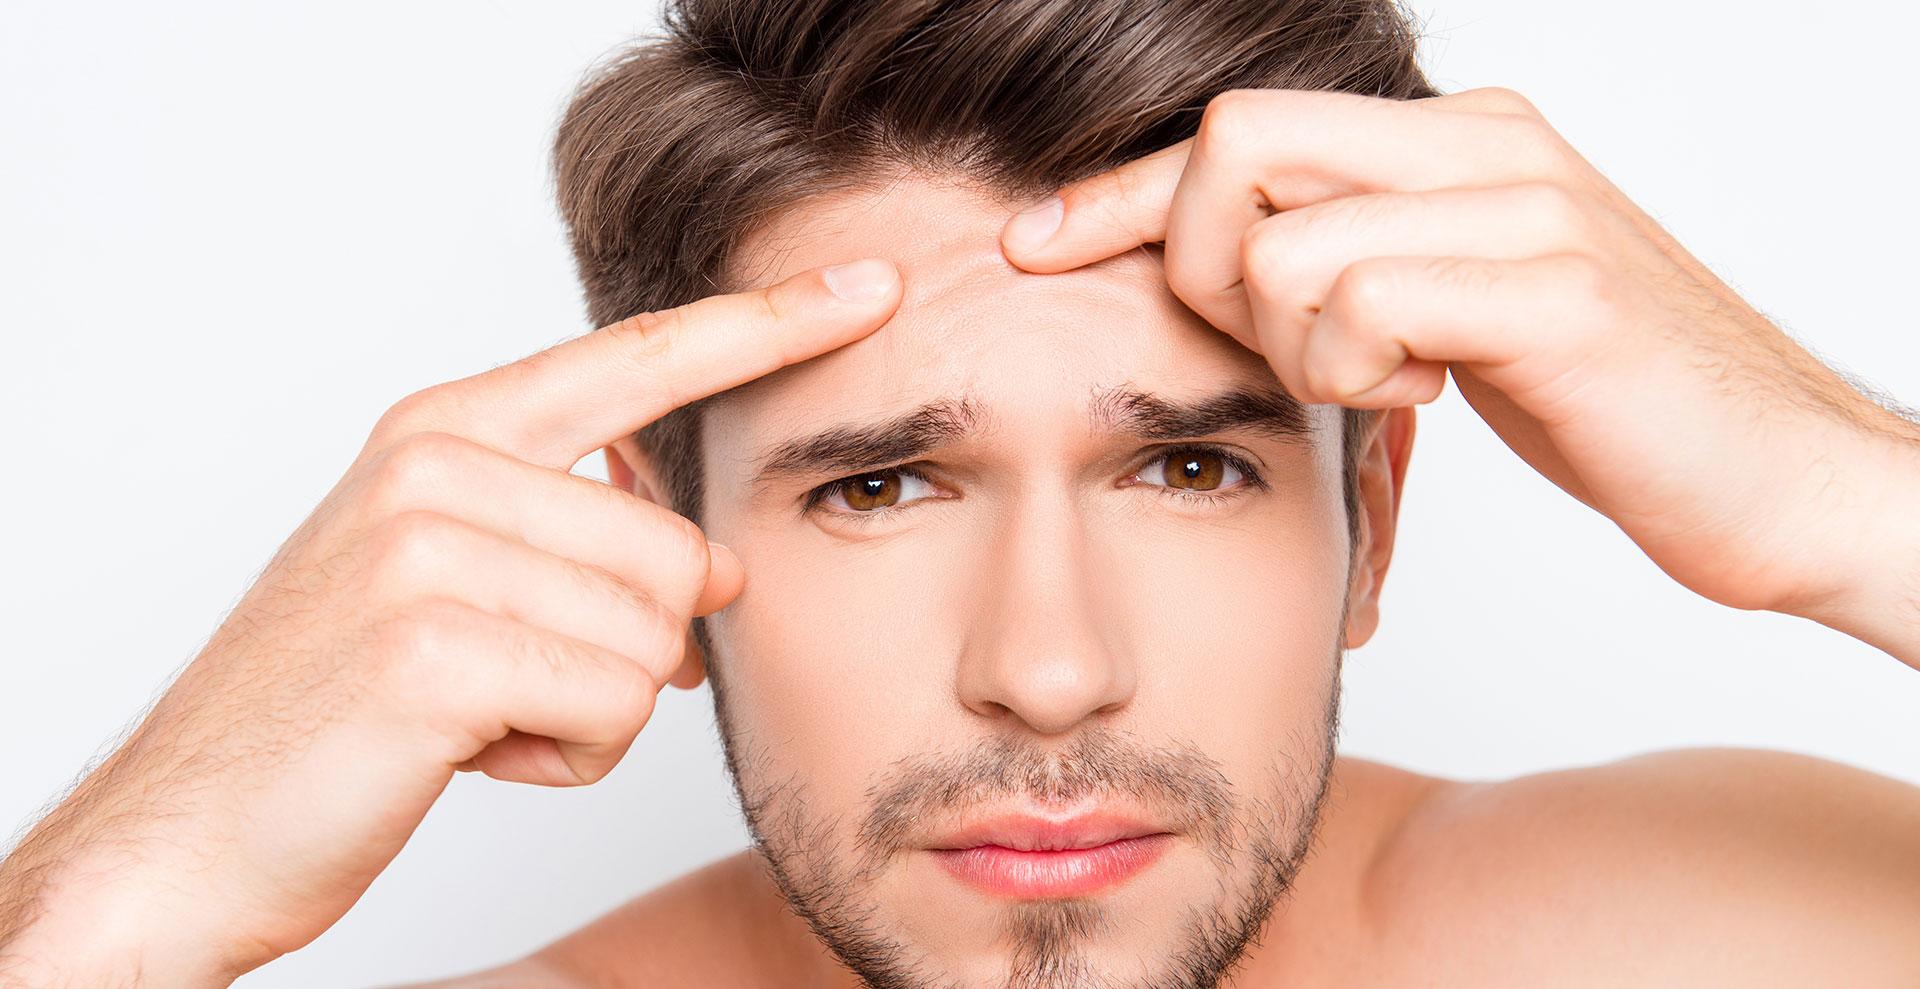 Cosa Causa L'acne? Ecco Alcuni Rimedi Casalinghi